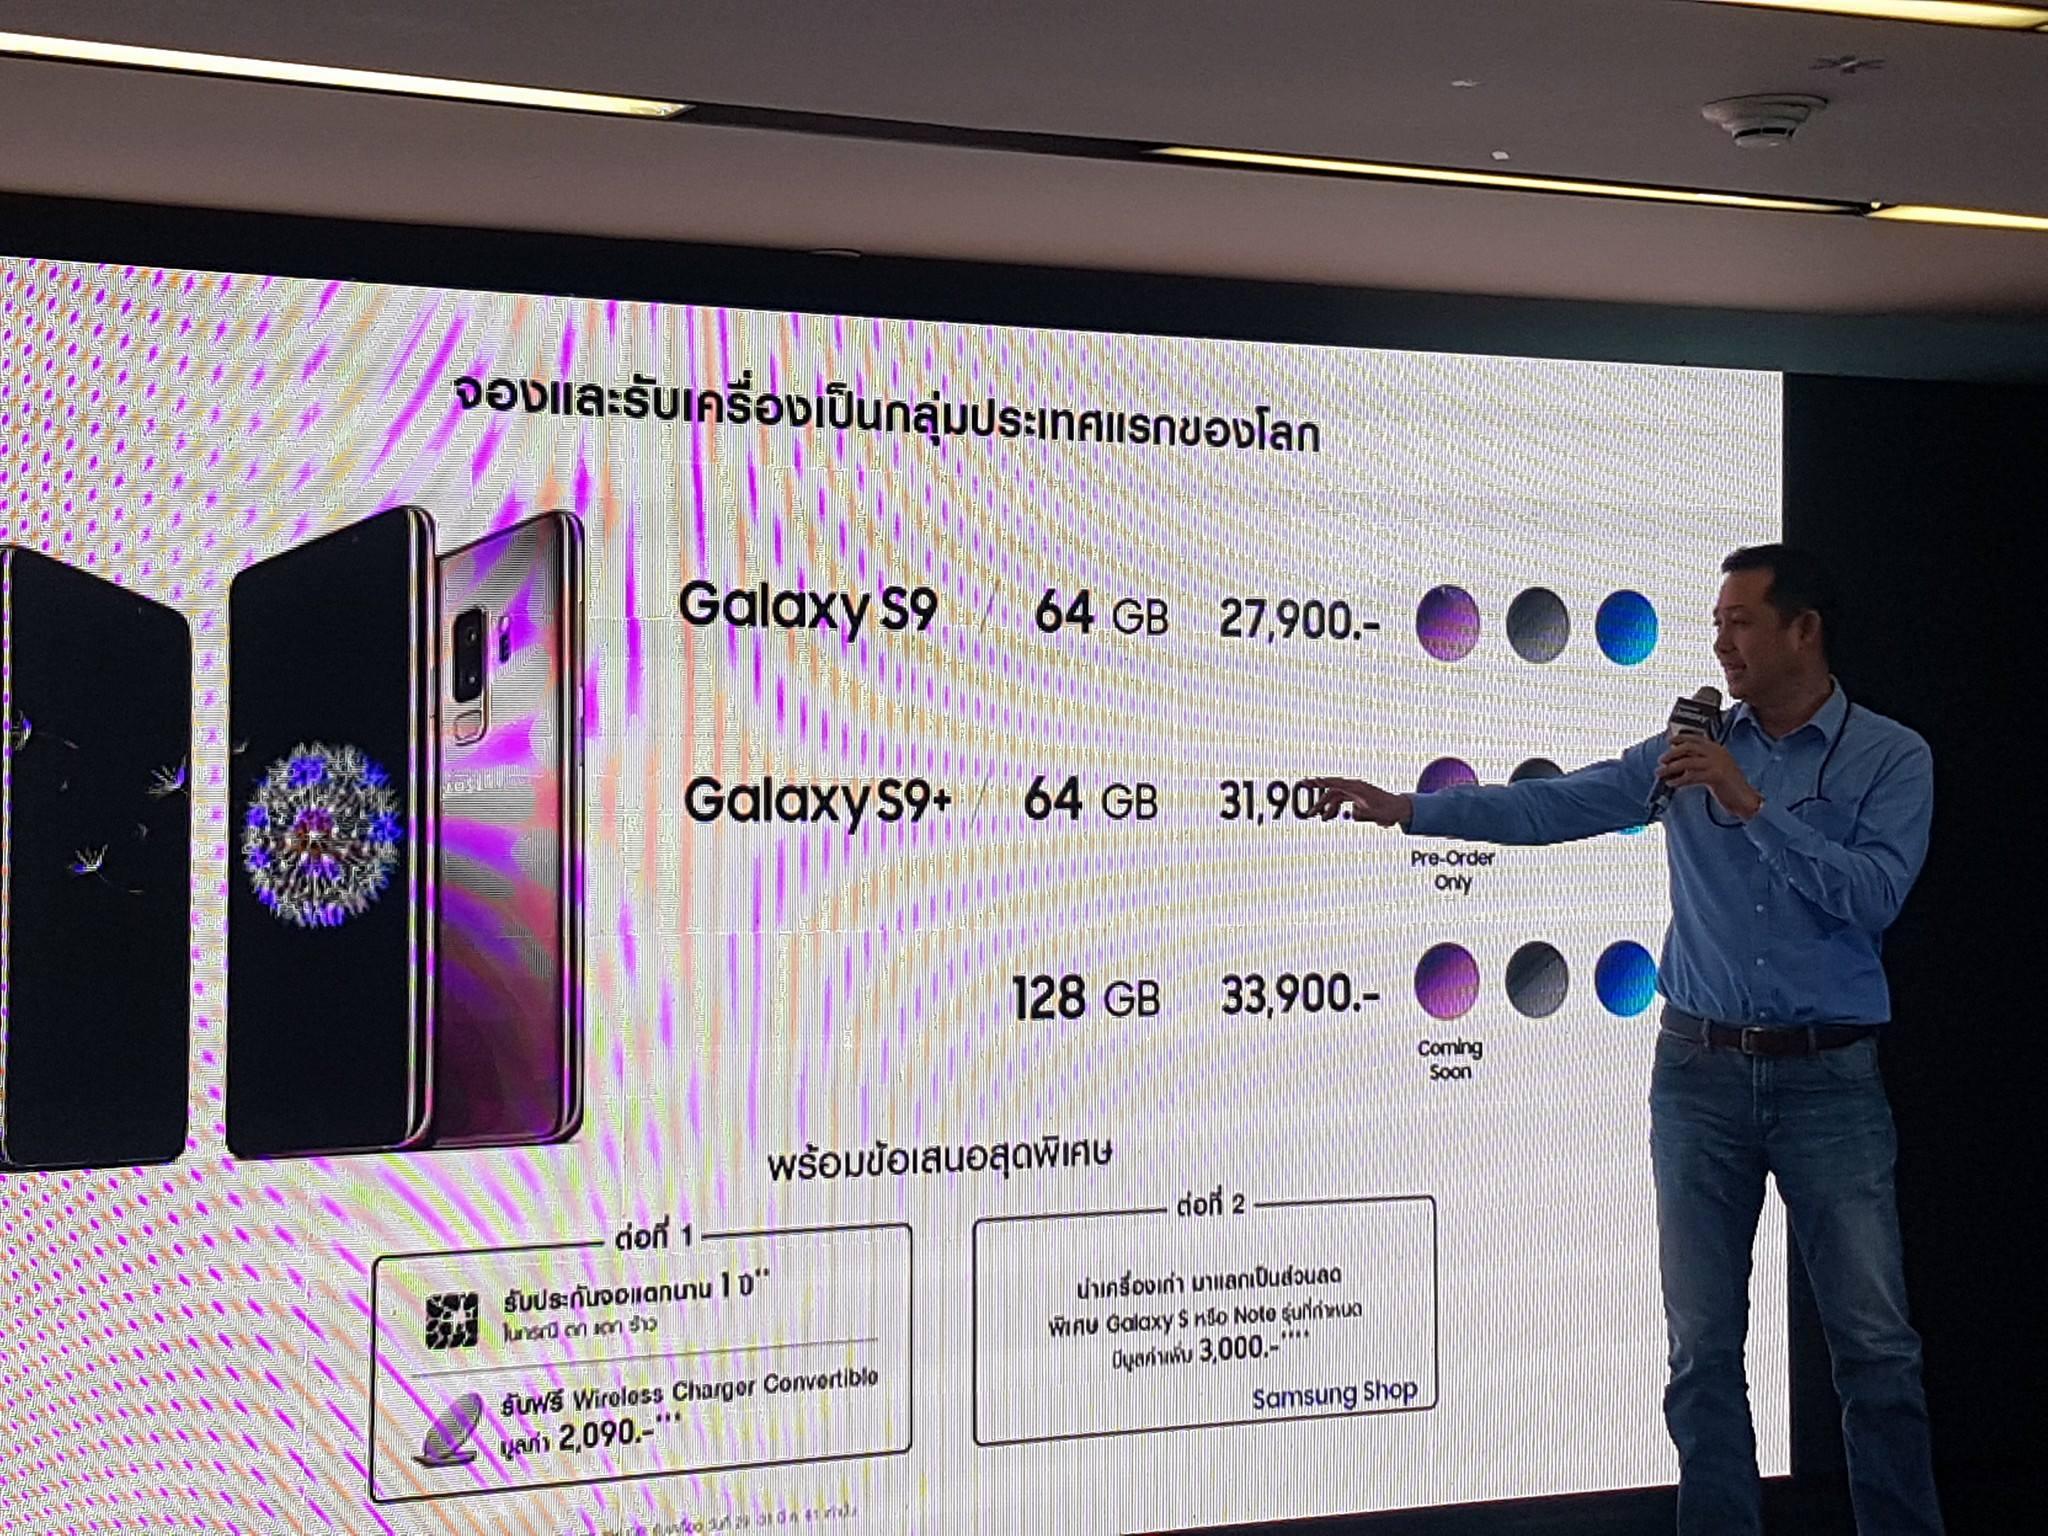 ราคา Samsung Galaxy S9 ในไทย